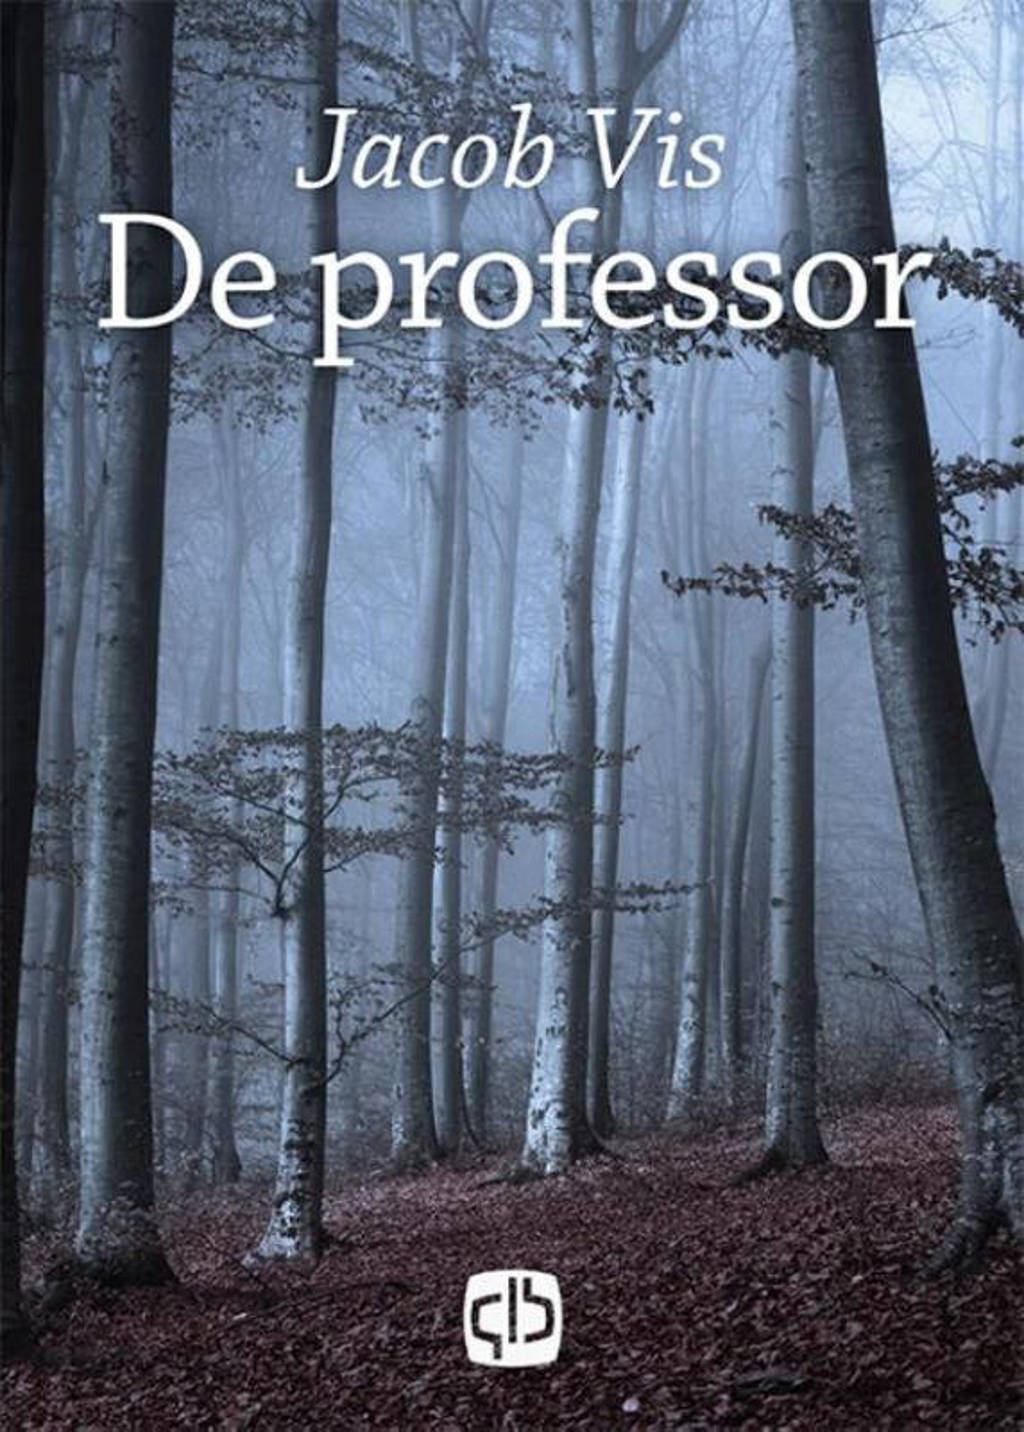 De professor - Jacob Vis